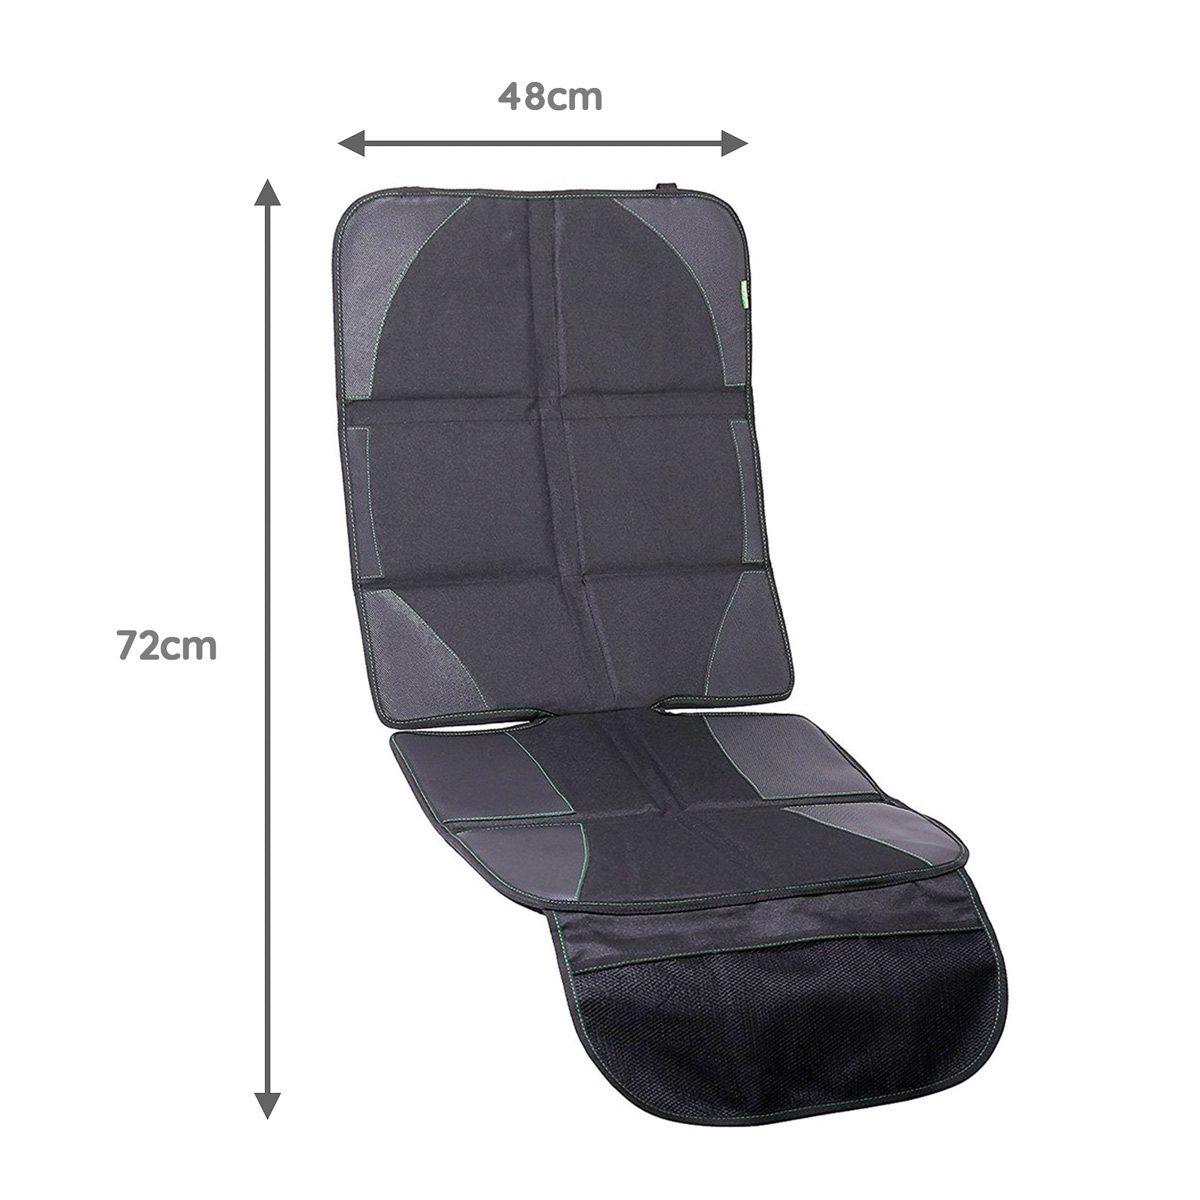 Venture Car Seat Protector Dimensions